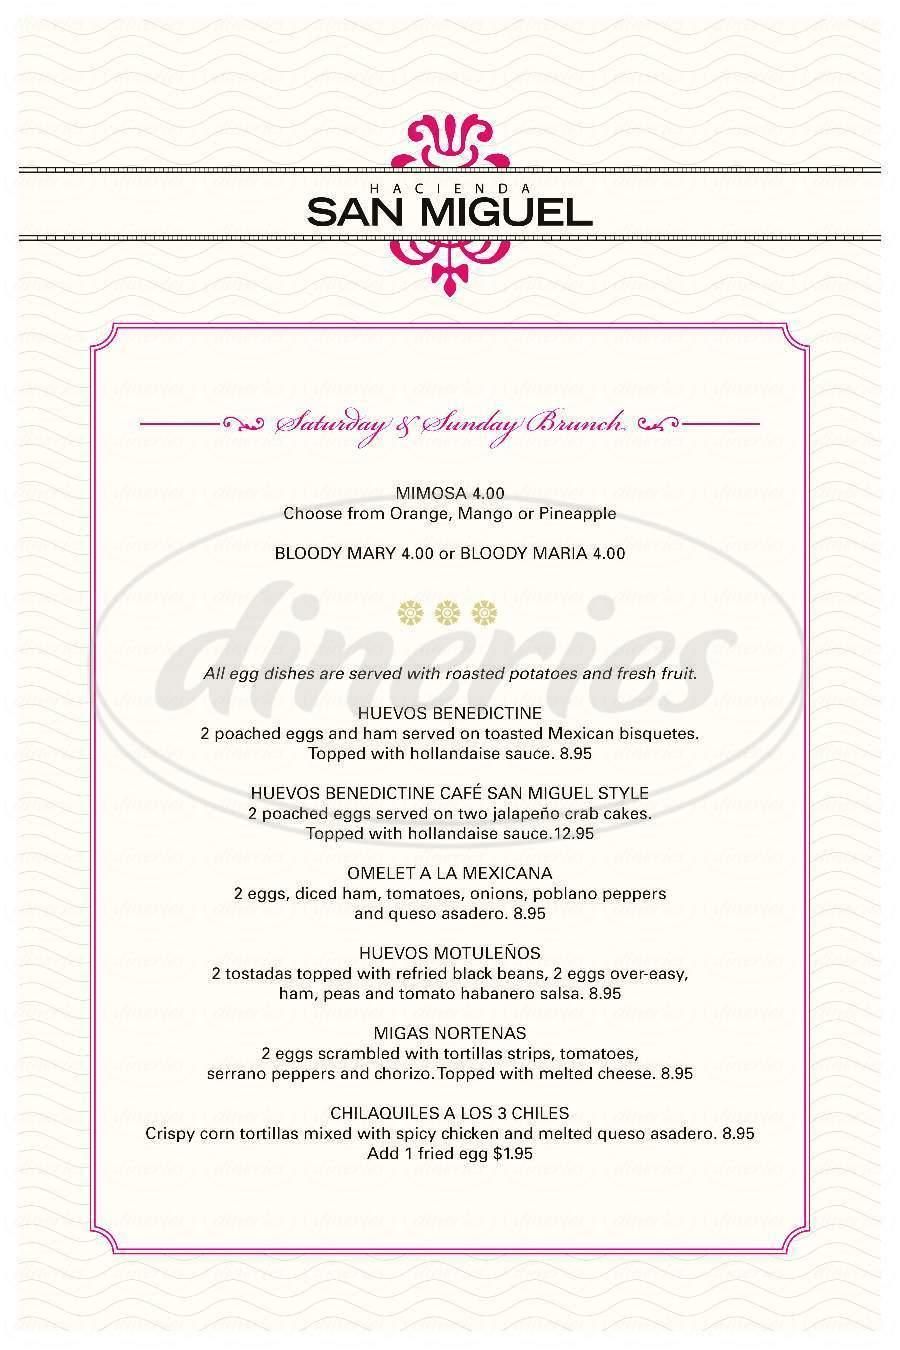 menu for Hacienda San Miguel